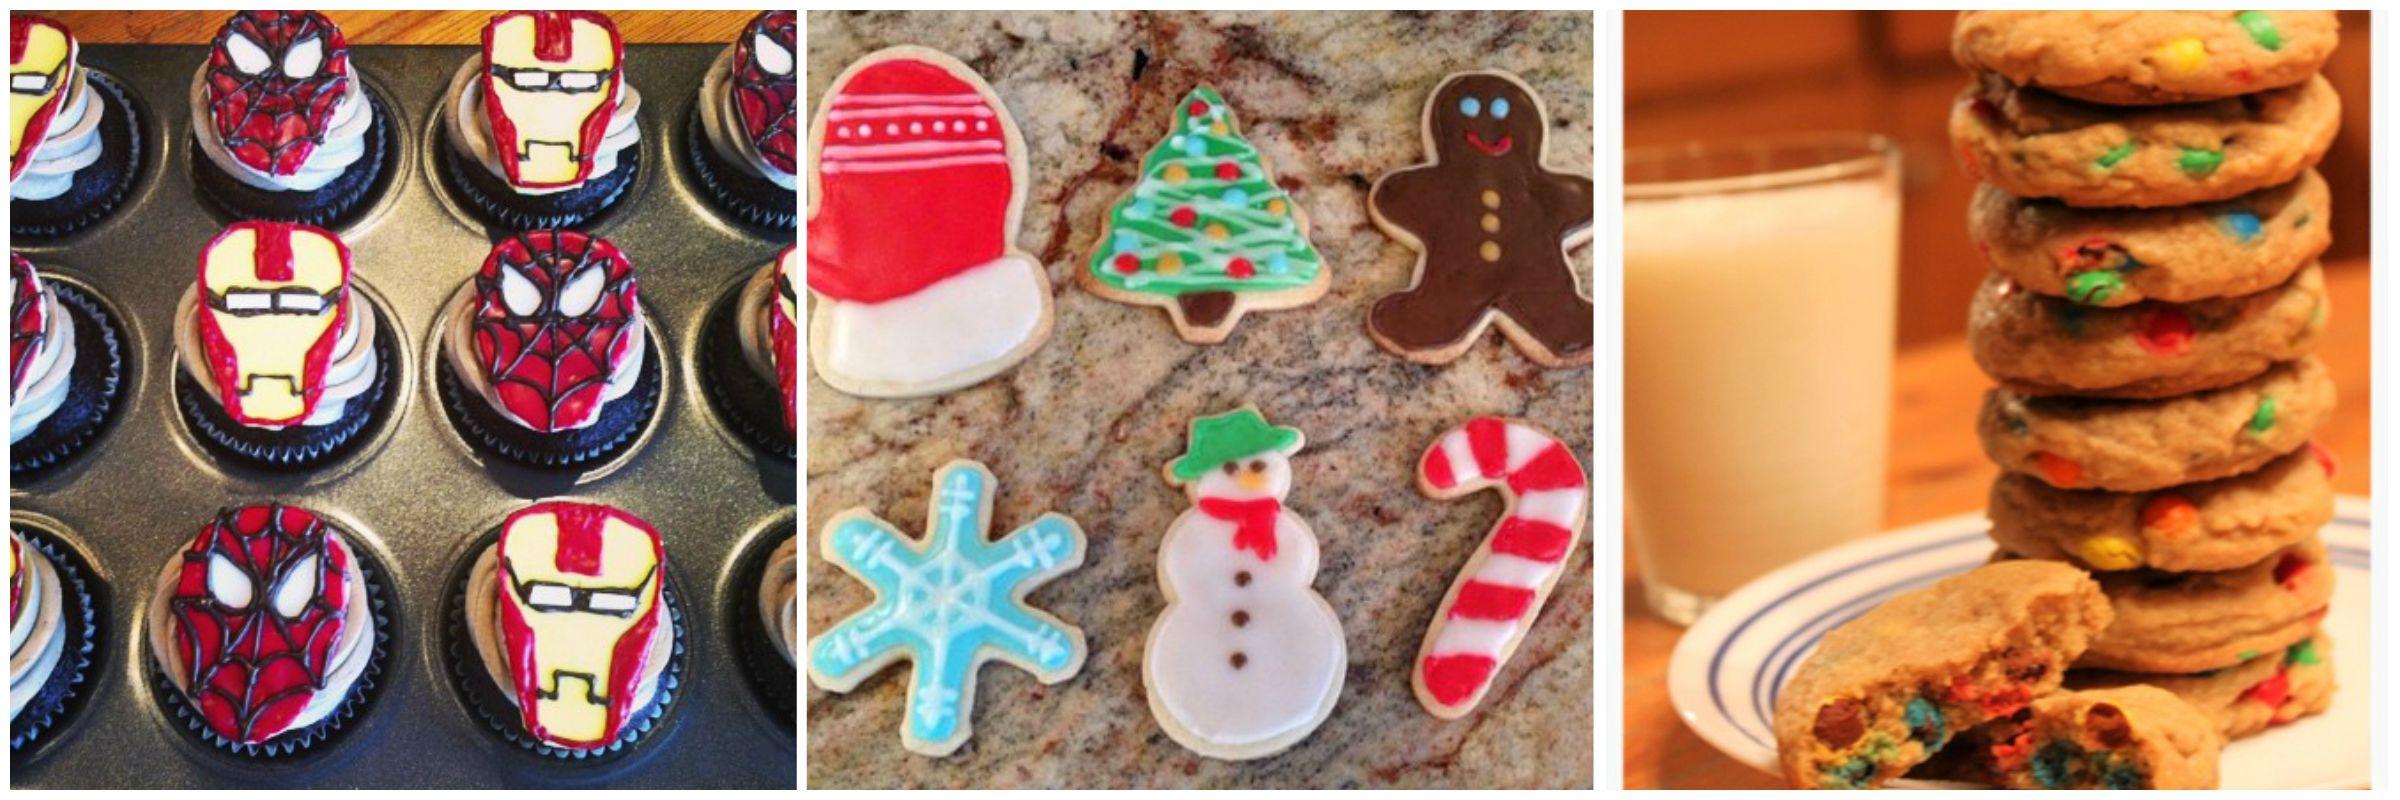 cookieslider.jpg